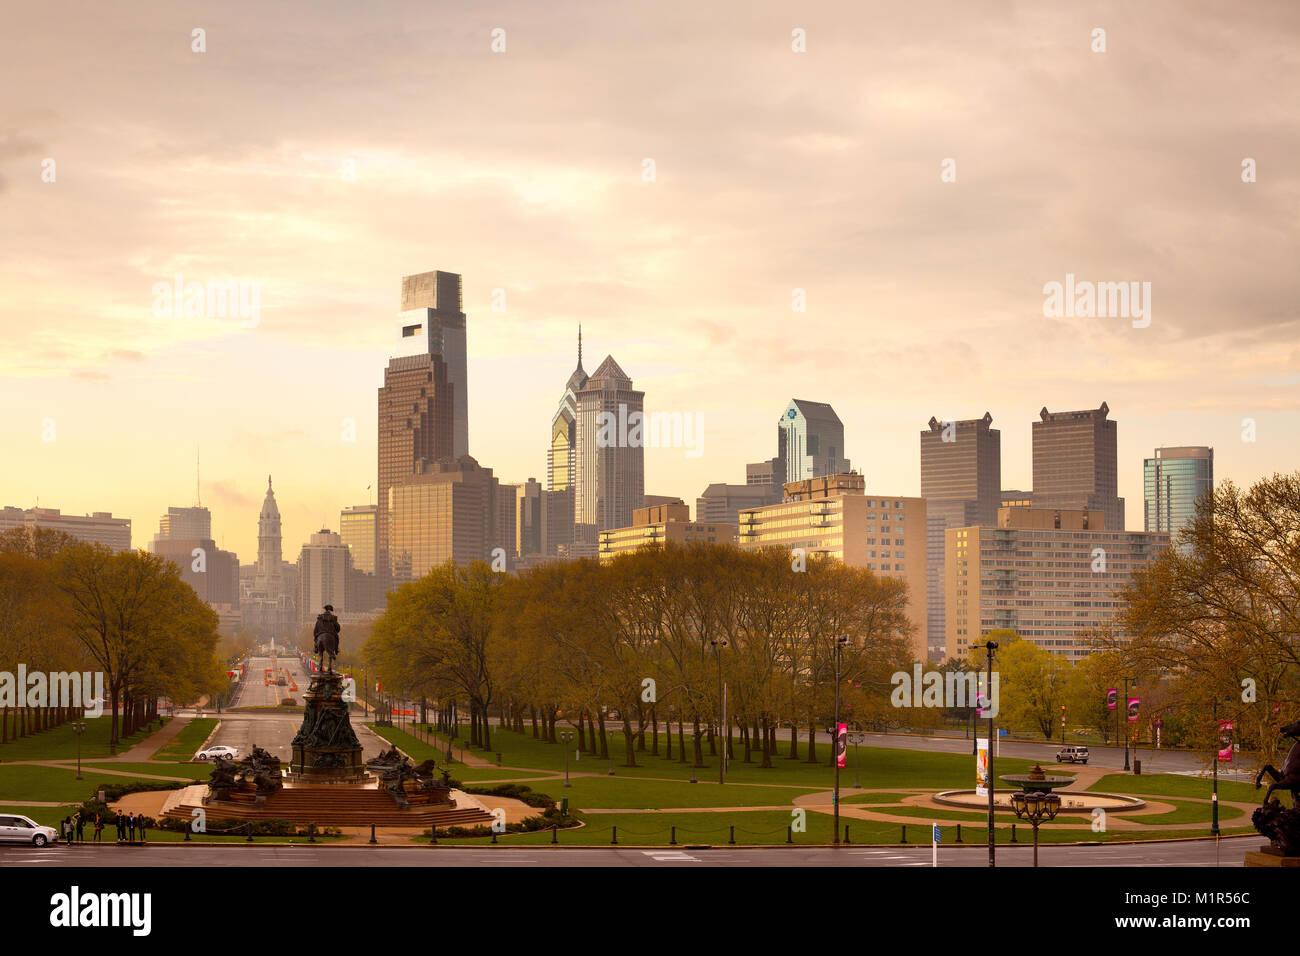 Philadelphia, Pennsylvania, Stati Uniti d'America - skyline del centro con il Municipio in un giorno di pioggia. Immagini Stock